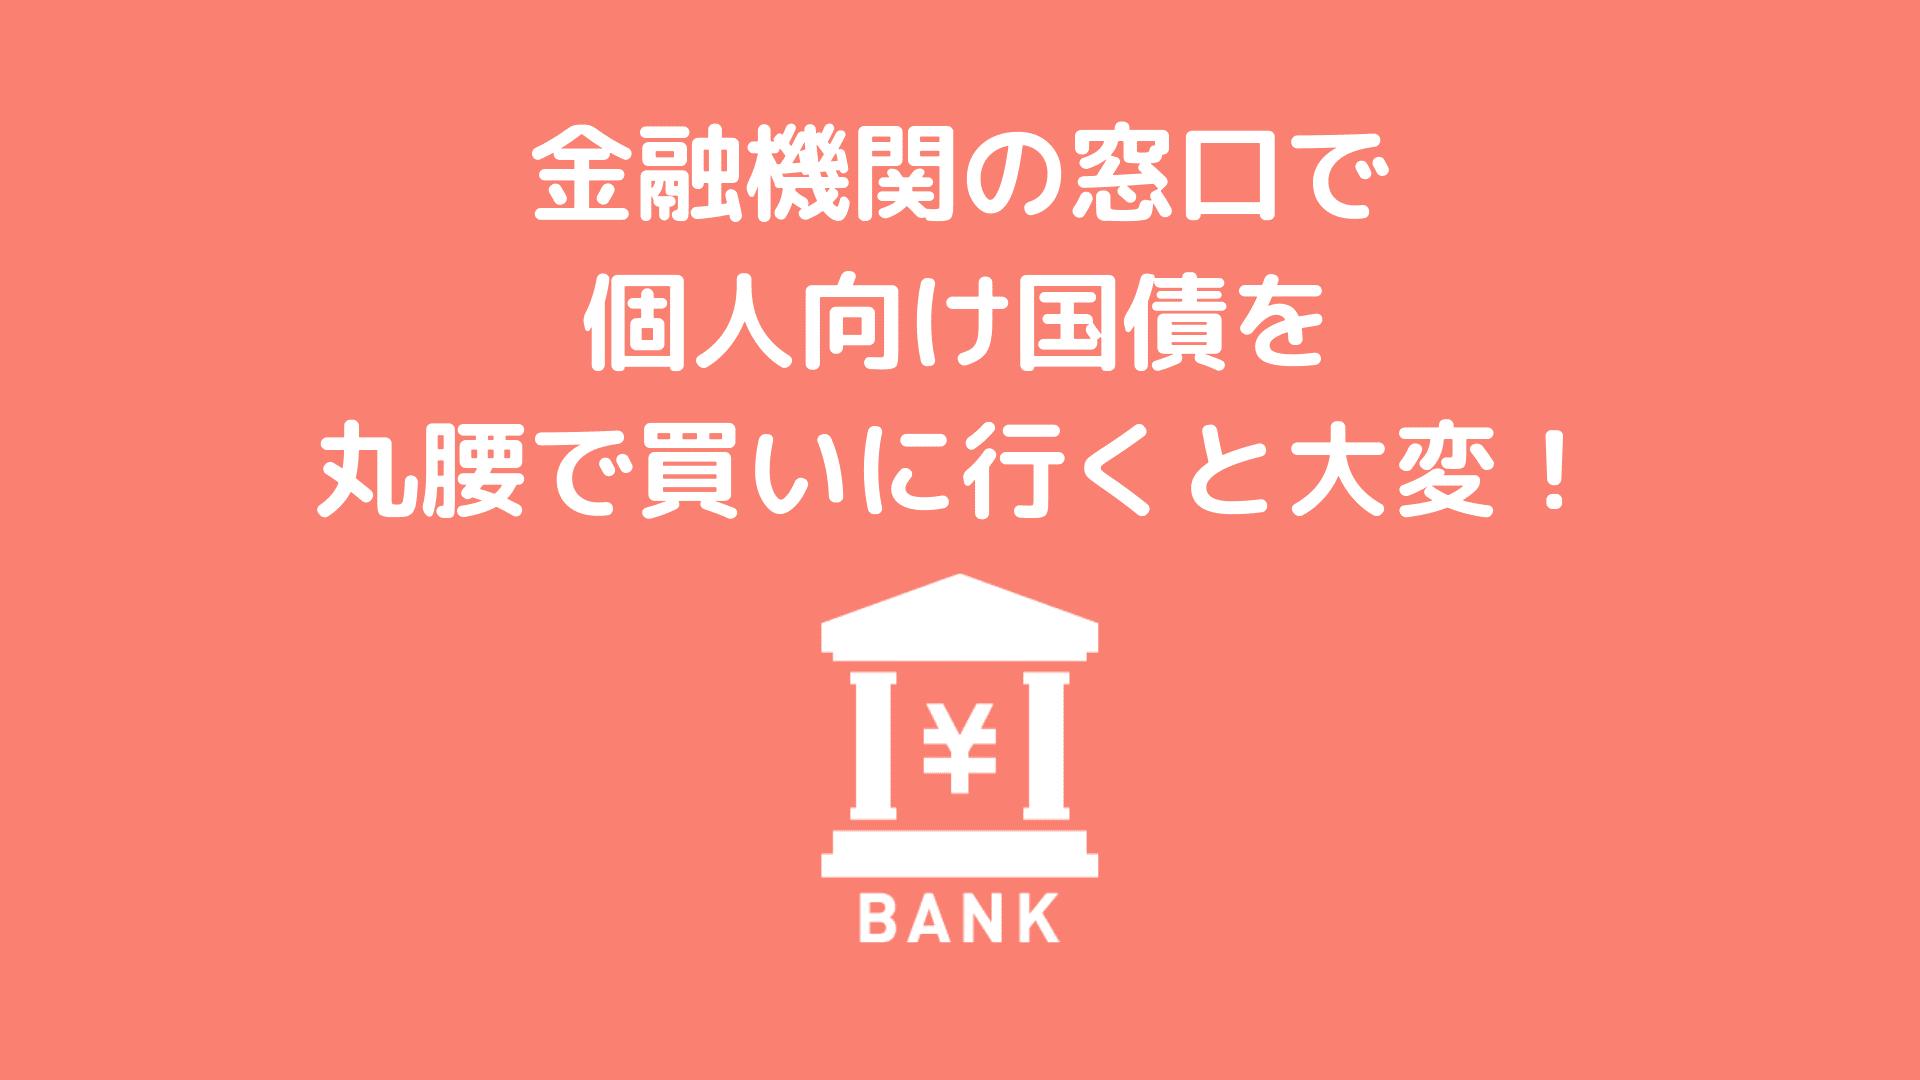 金融機関の窓口で個人向け国債を丸腰で買いに行くと大変!